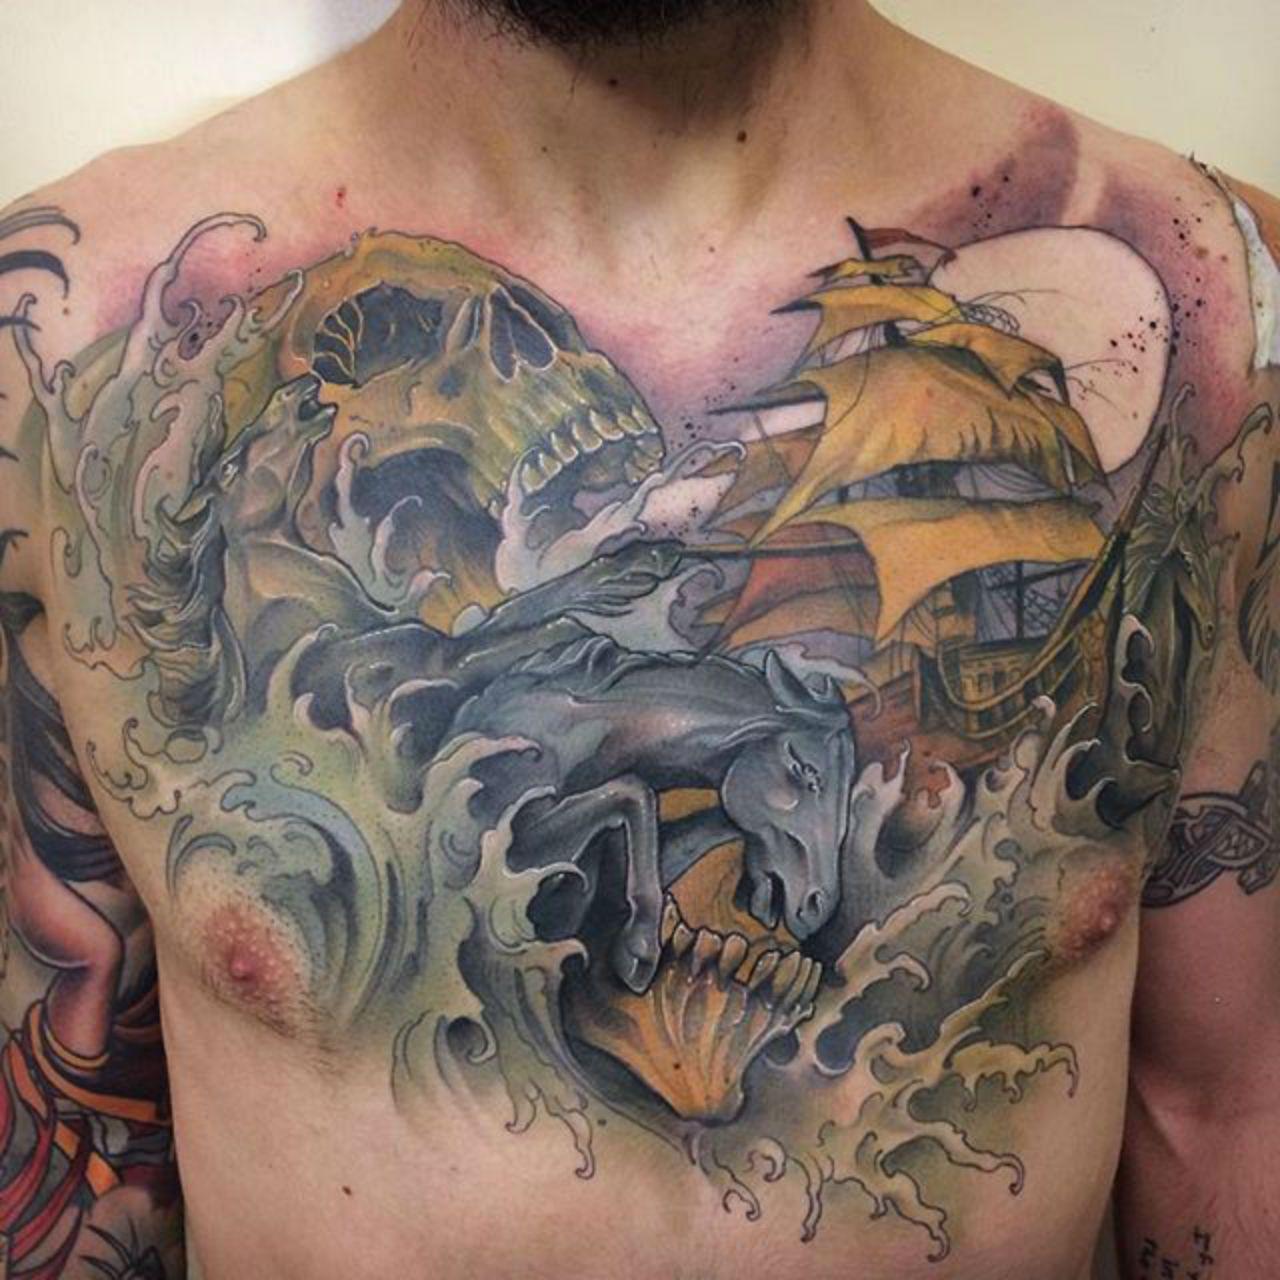 Emma D Tattoos, Tattoo designs, Chest tattoo